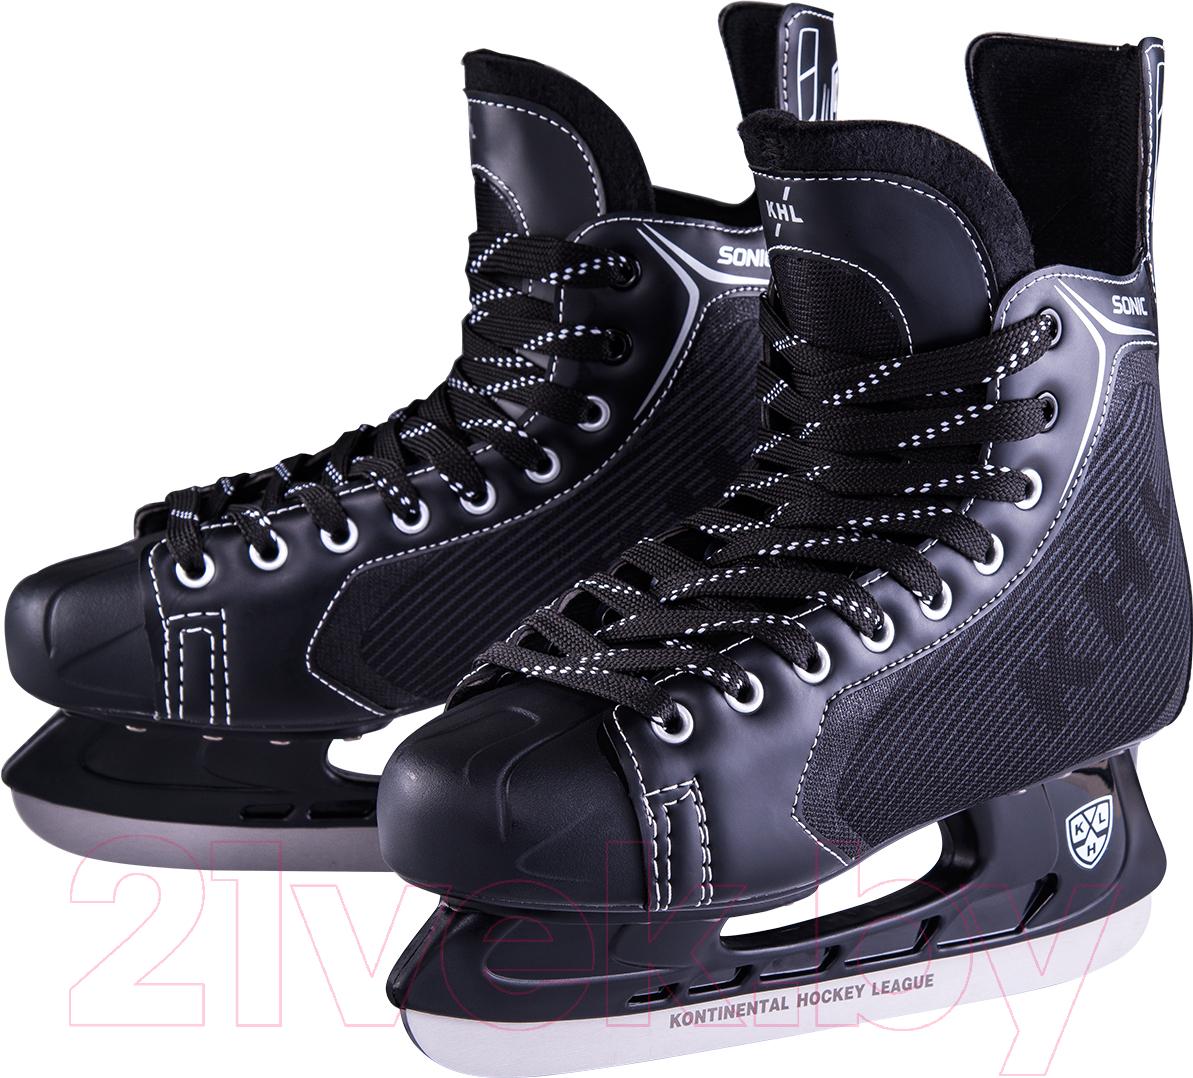 Купить Коньки хоккейные KHL, Sonic (р-р 41), Китай, черный, пластик